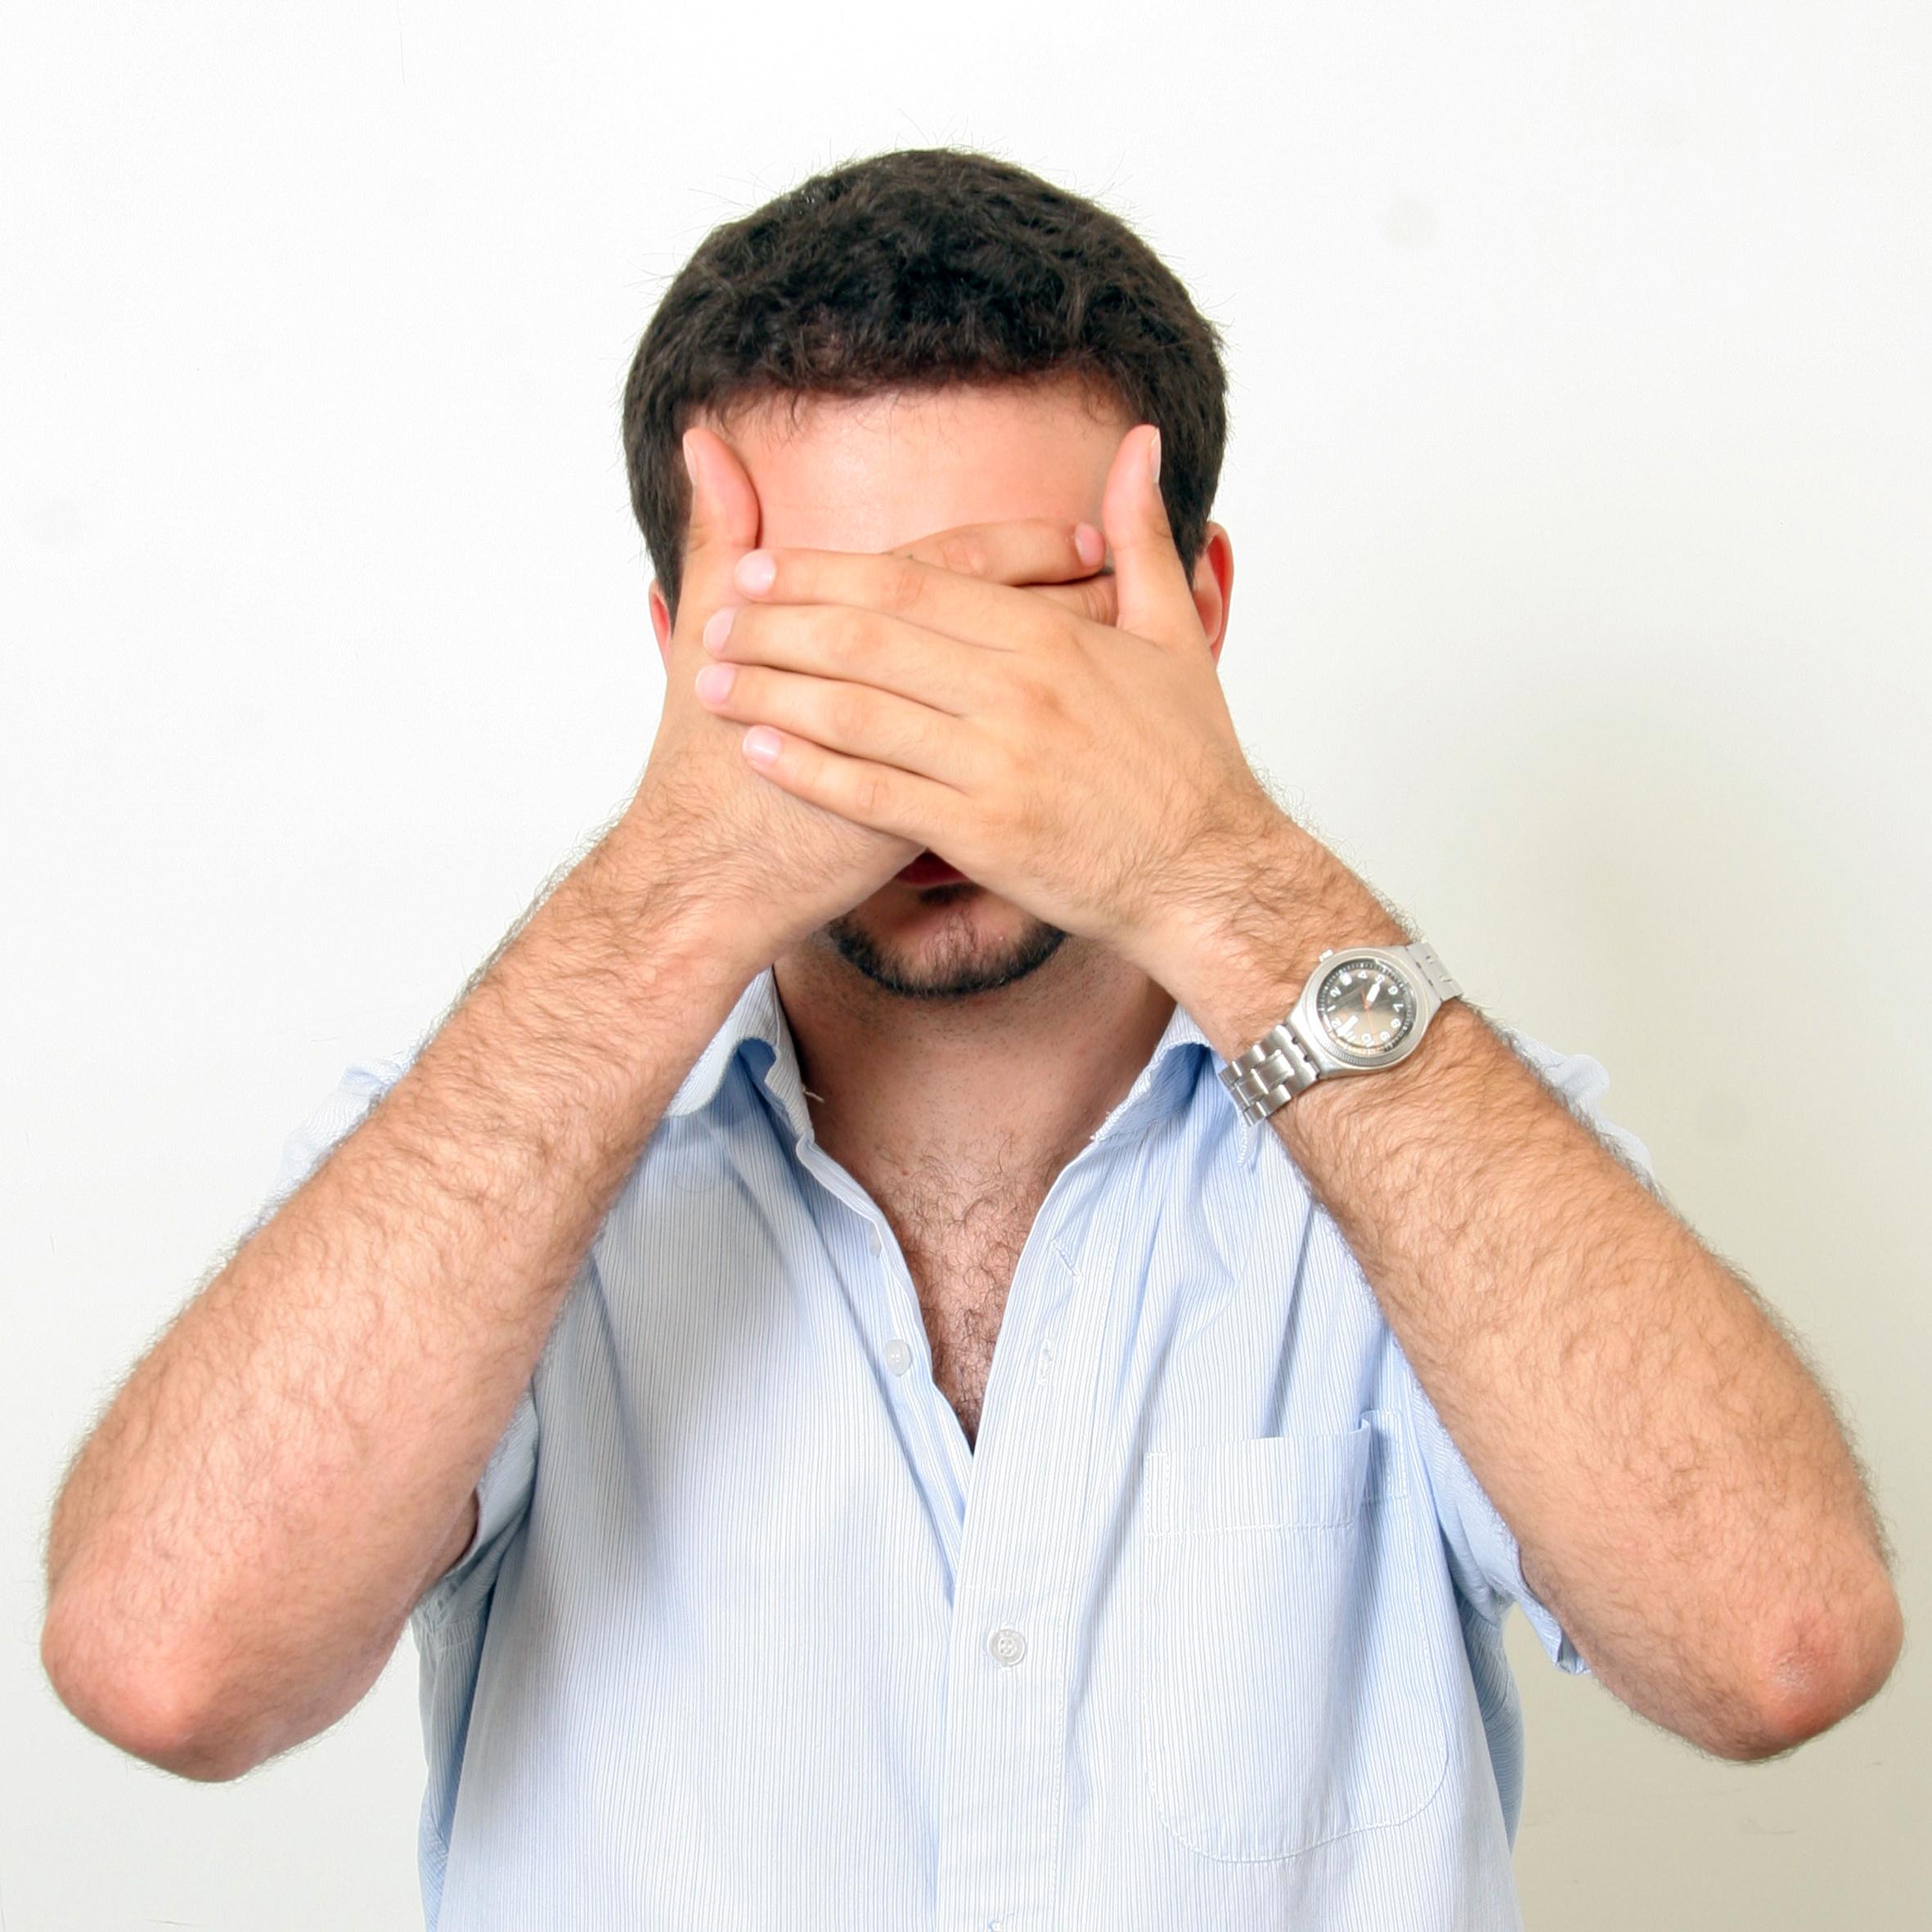 Защо жените не харесват прекалено срамежливи мъже